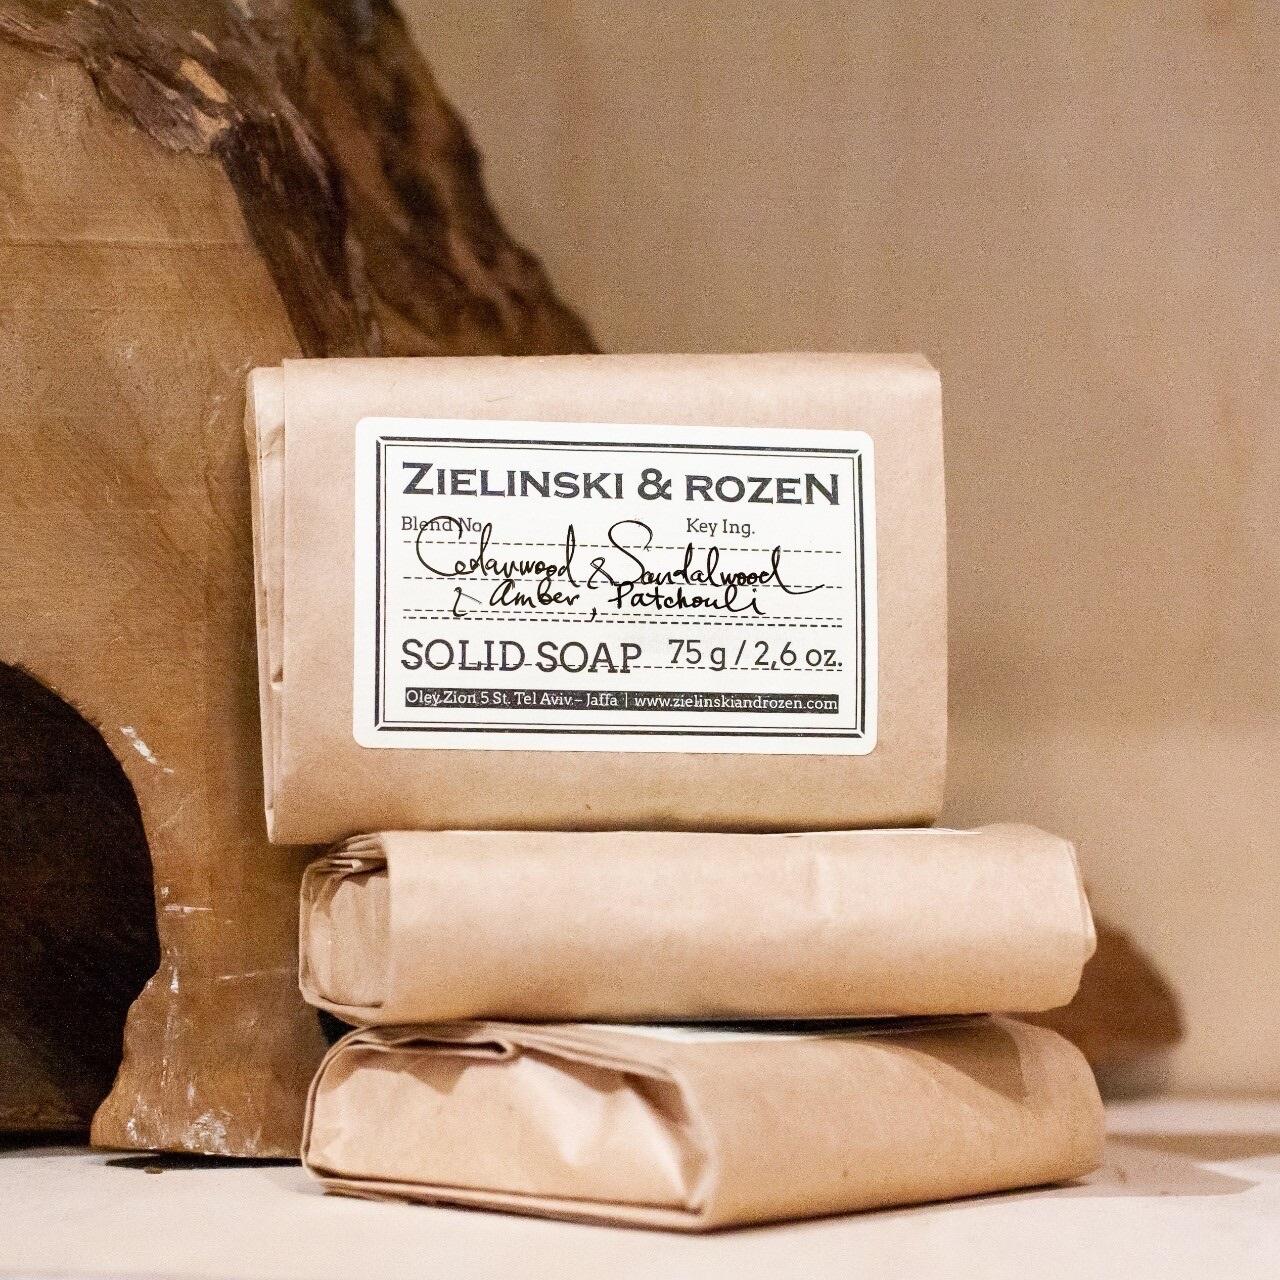 Твёрдое мыло Cedarwood Sandalwood Amber Patchouli ZIELINSKI & ROZEN (75гр)